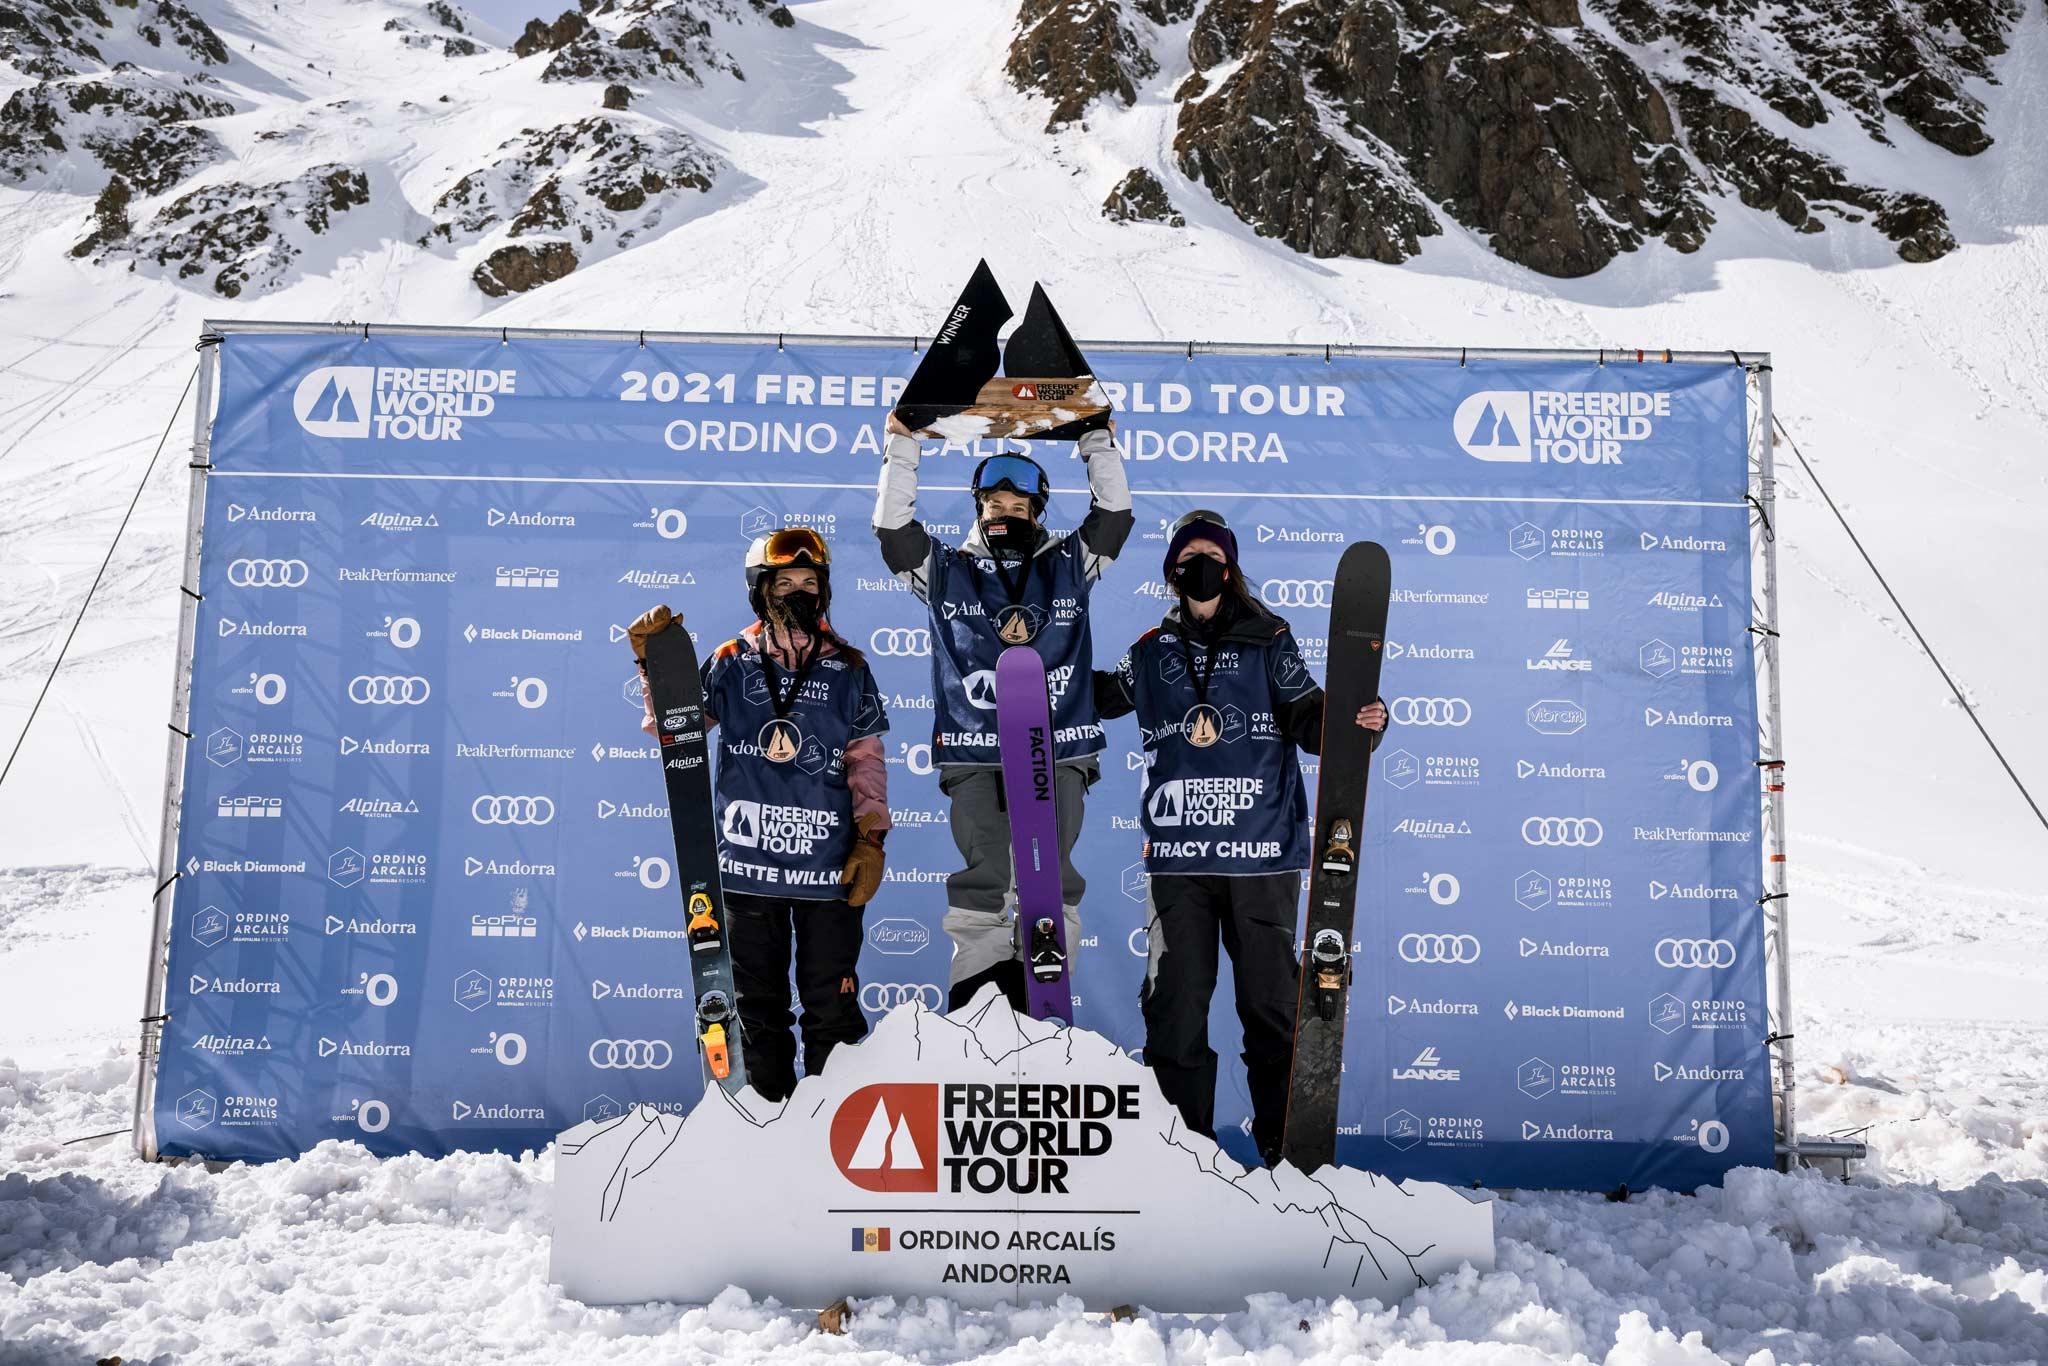 Das Podium der drei besten Frauen beim Freeride World Tour Contest #2 in Andorra 2021. - Foto: freerideworldtour.com / J. Bernard